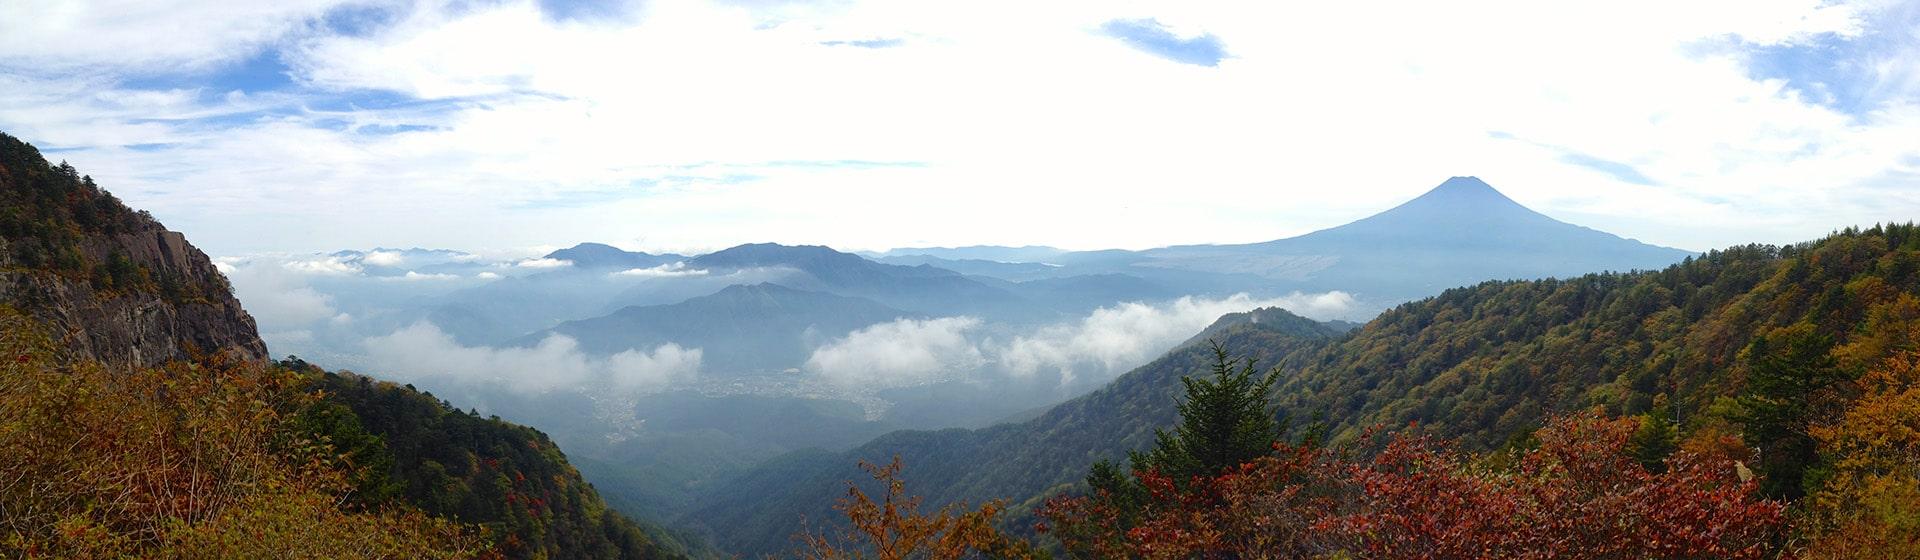 Осенние каникулы <br>Токио – Одайба – Канадзава – Киото – Арасияма – Токио